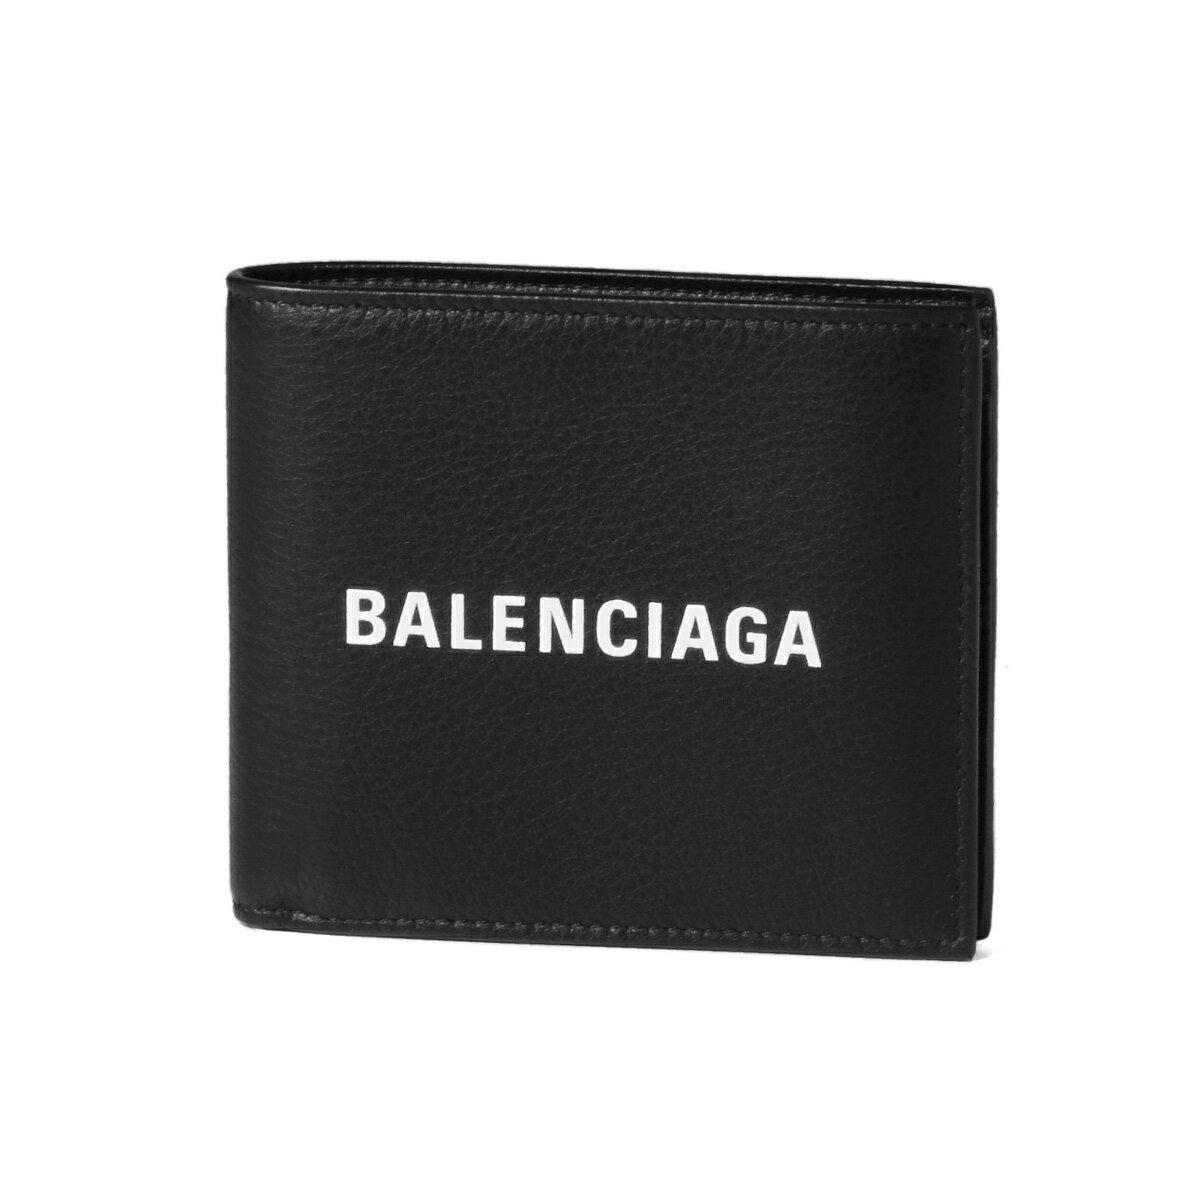 バレンシアガ BALENCIAGA 財布 メンズ 485108 DLQHN 1060 二つ折り財布 EVERYDAY エブリデイ NOIR/L BLANC ブラック